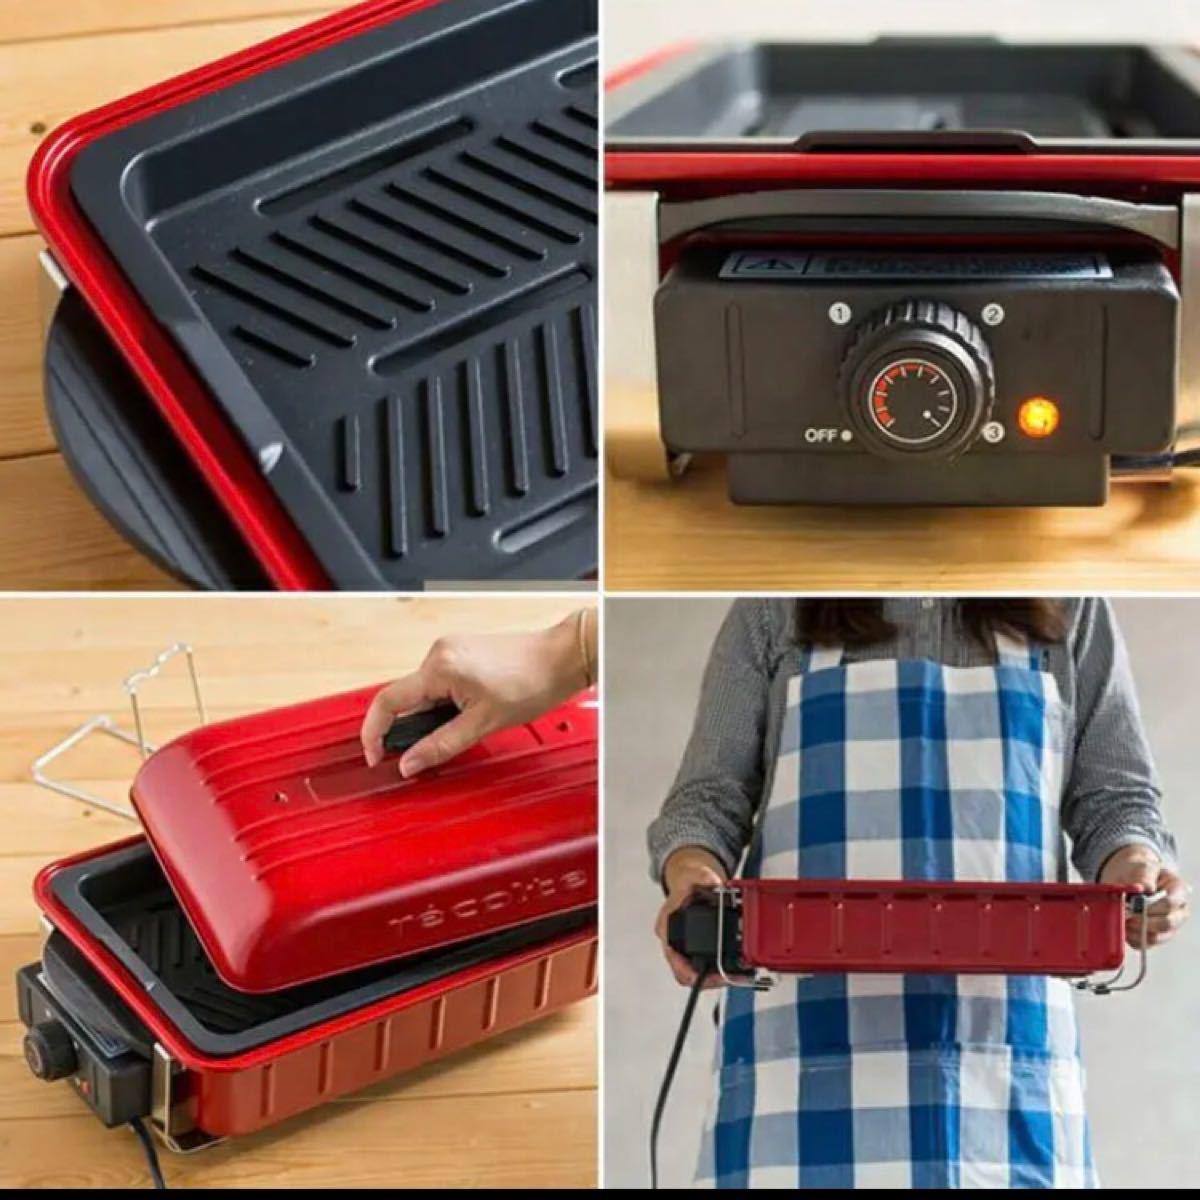 レコルト ホームバーベキュー コンパクトホットプレート レッド BBQ recolte Home ホットプレート 新品